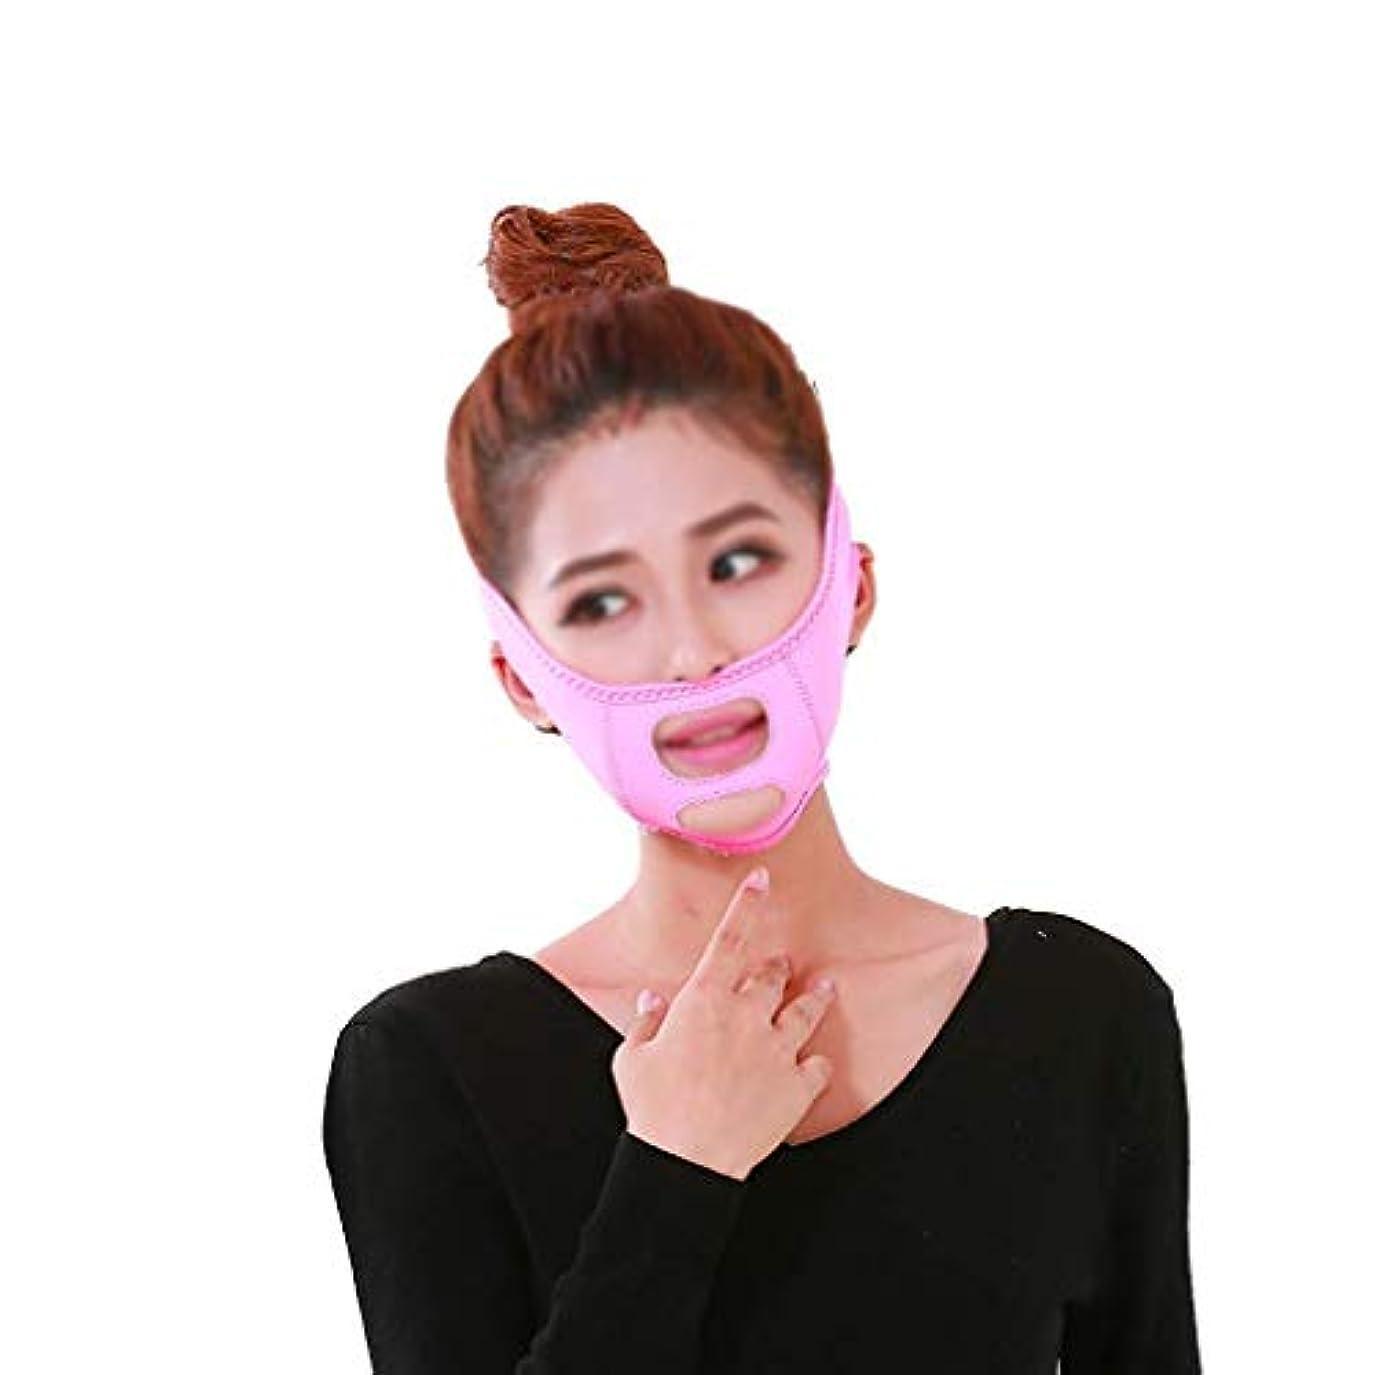 歯痛フィクション改善フェイスリフトフェイシャル、フェイシャルマスクVフェイスマスクタイトで肌のリラクゼーションを防止Vフェイスアーティファクトフェイスリフトバンデージフェイスケア(色:ピンク)